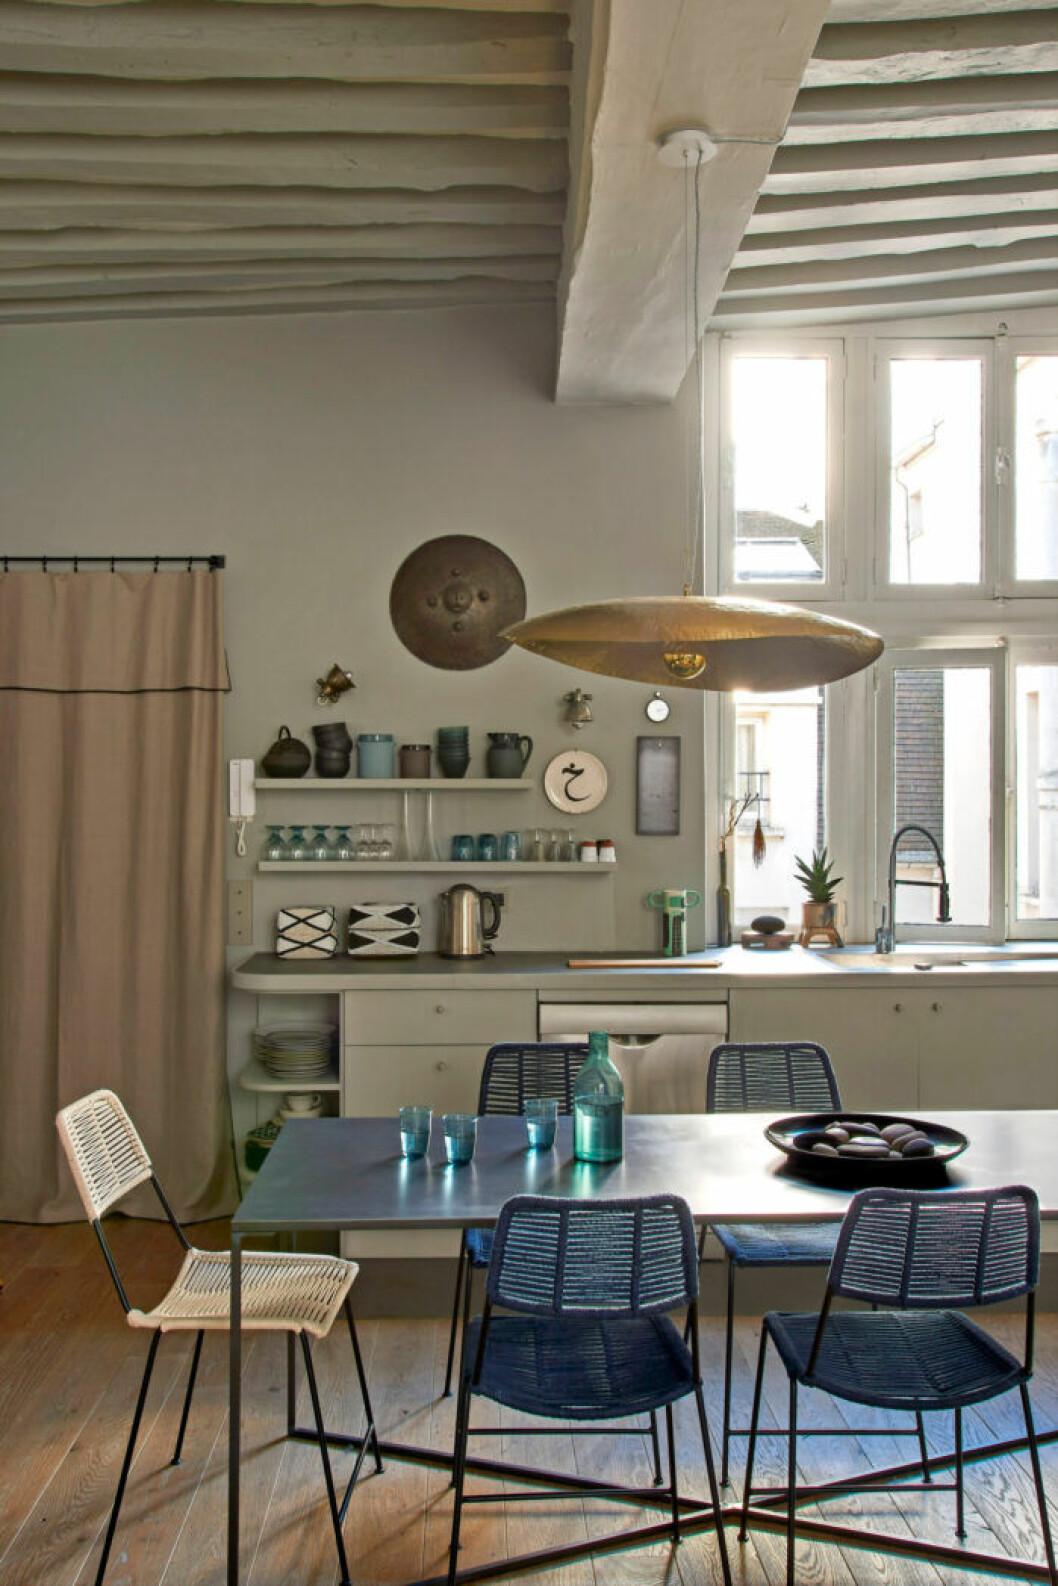 Köket går i naturnära toner med spännande detaljer hemma hos designern Pierre de Gastines i Paris